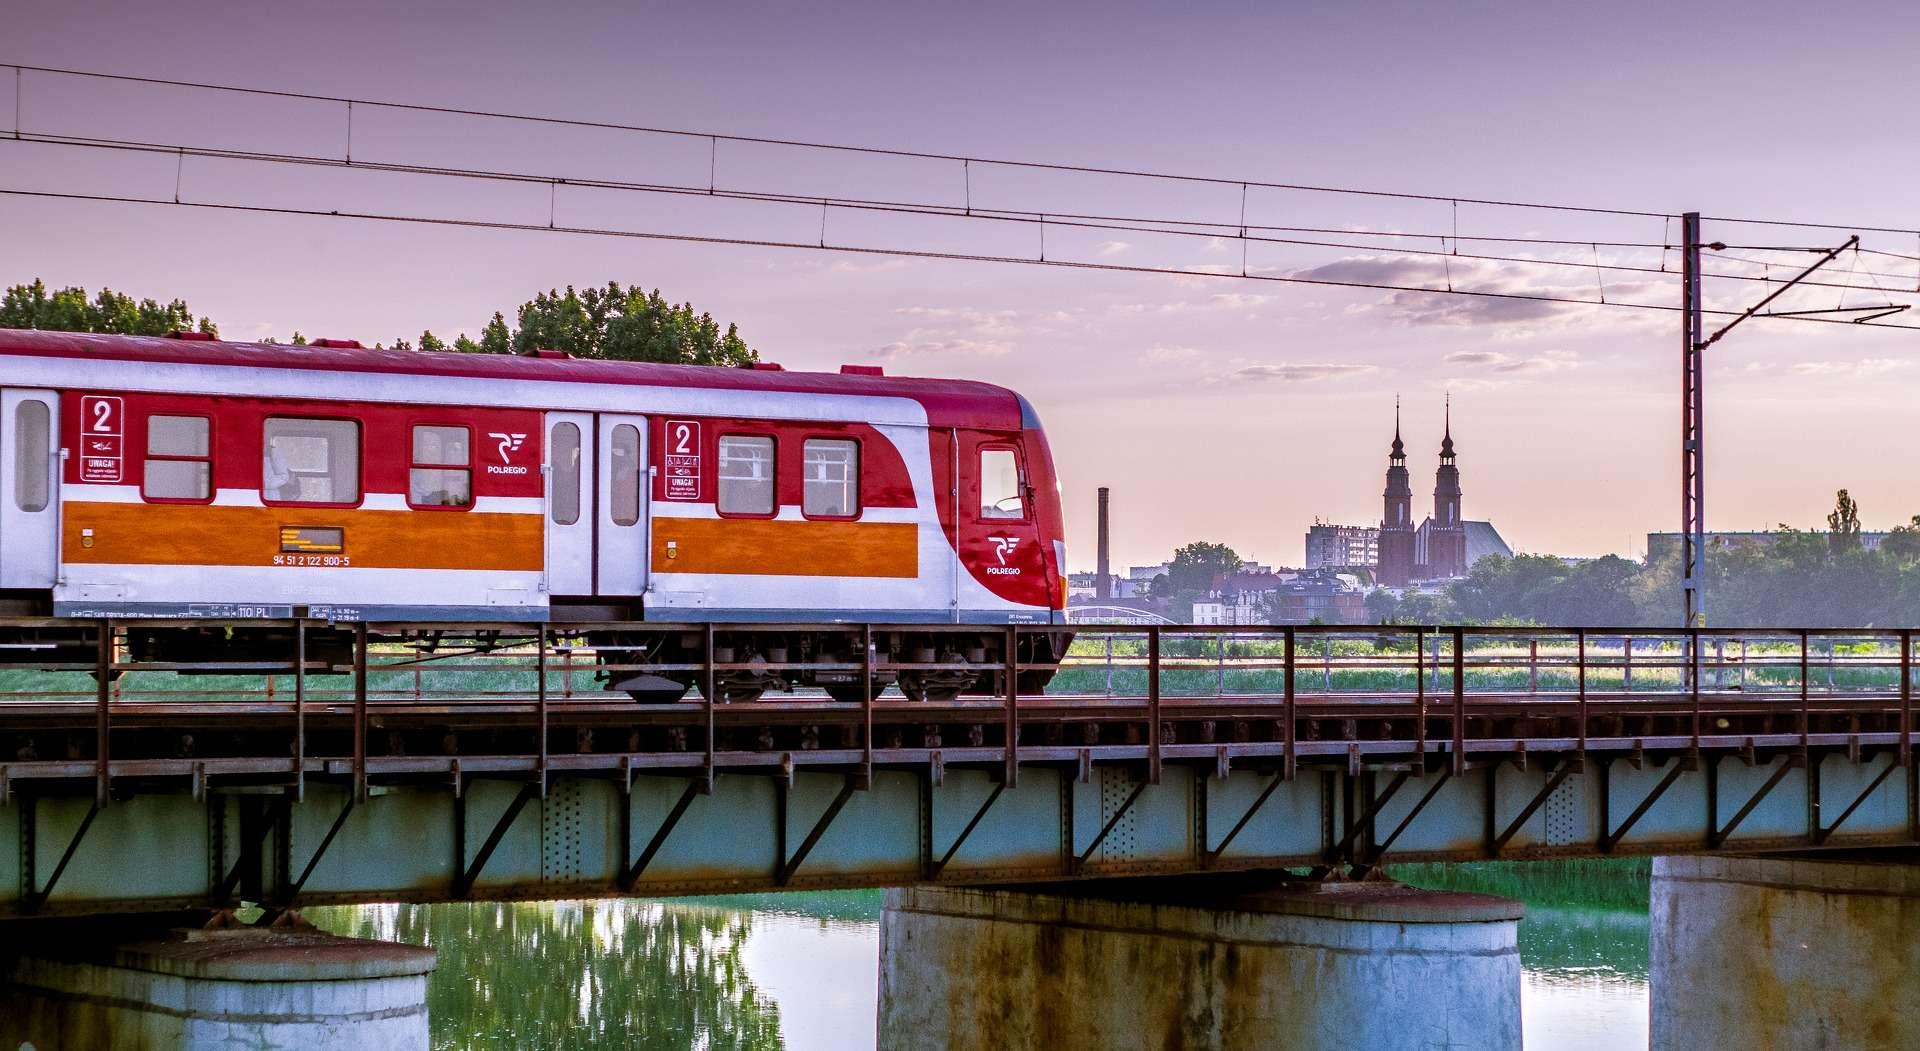 Vergelijk simpel en snel de CO2-uitstoot, reistijd en de prijs van stedenreizen in Europa